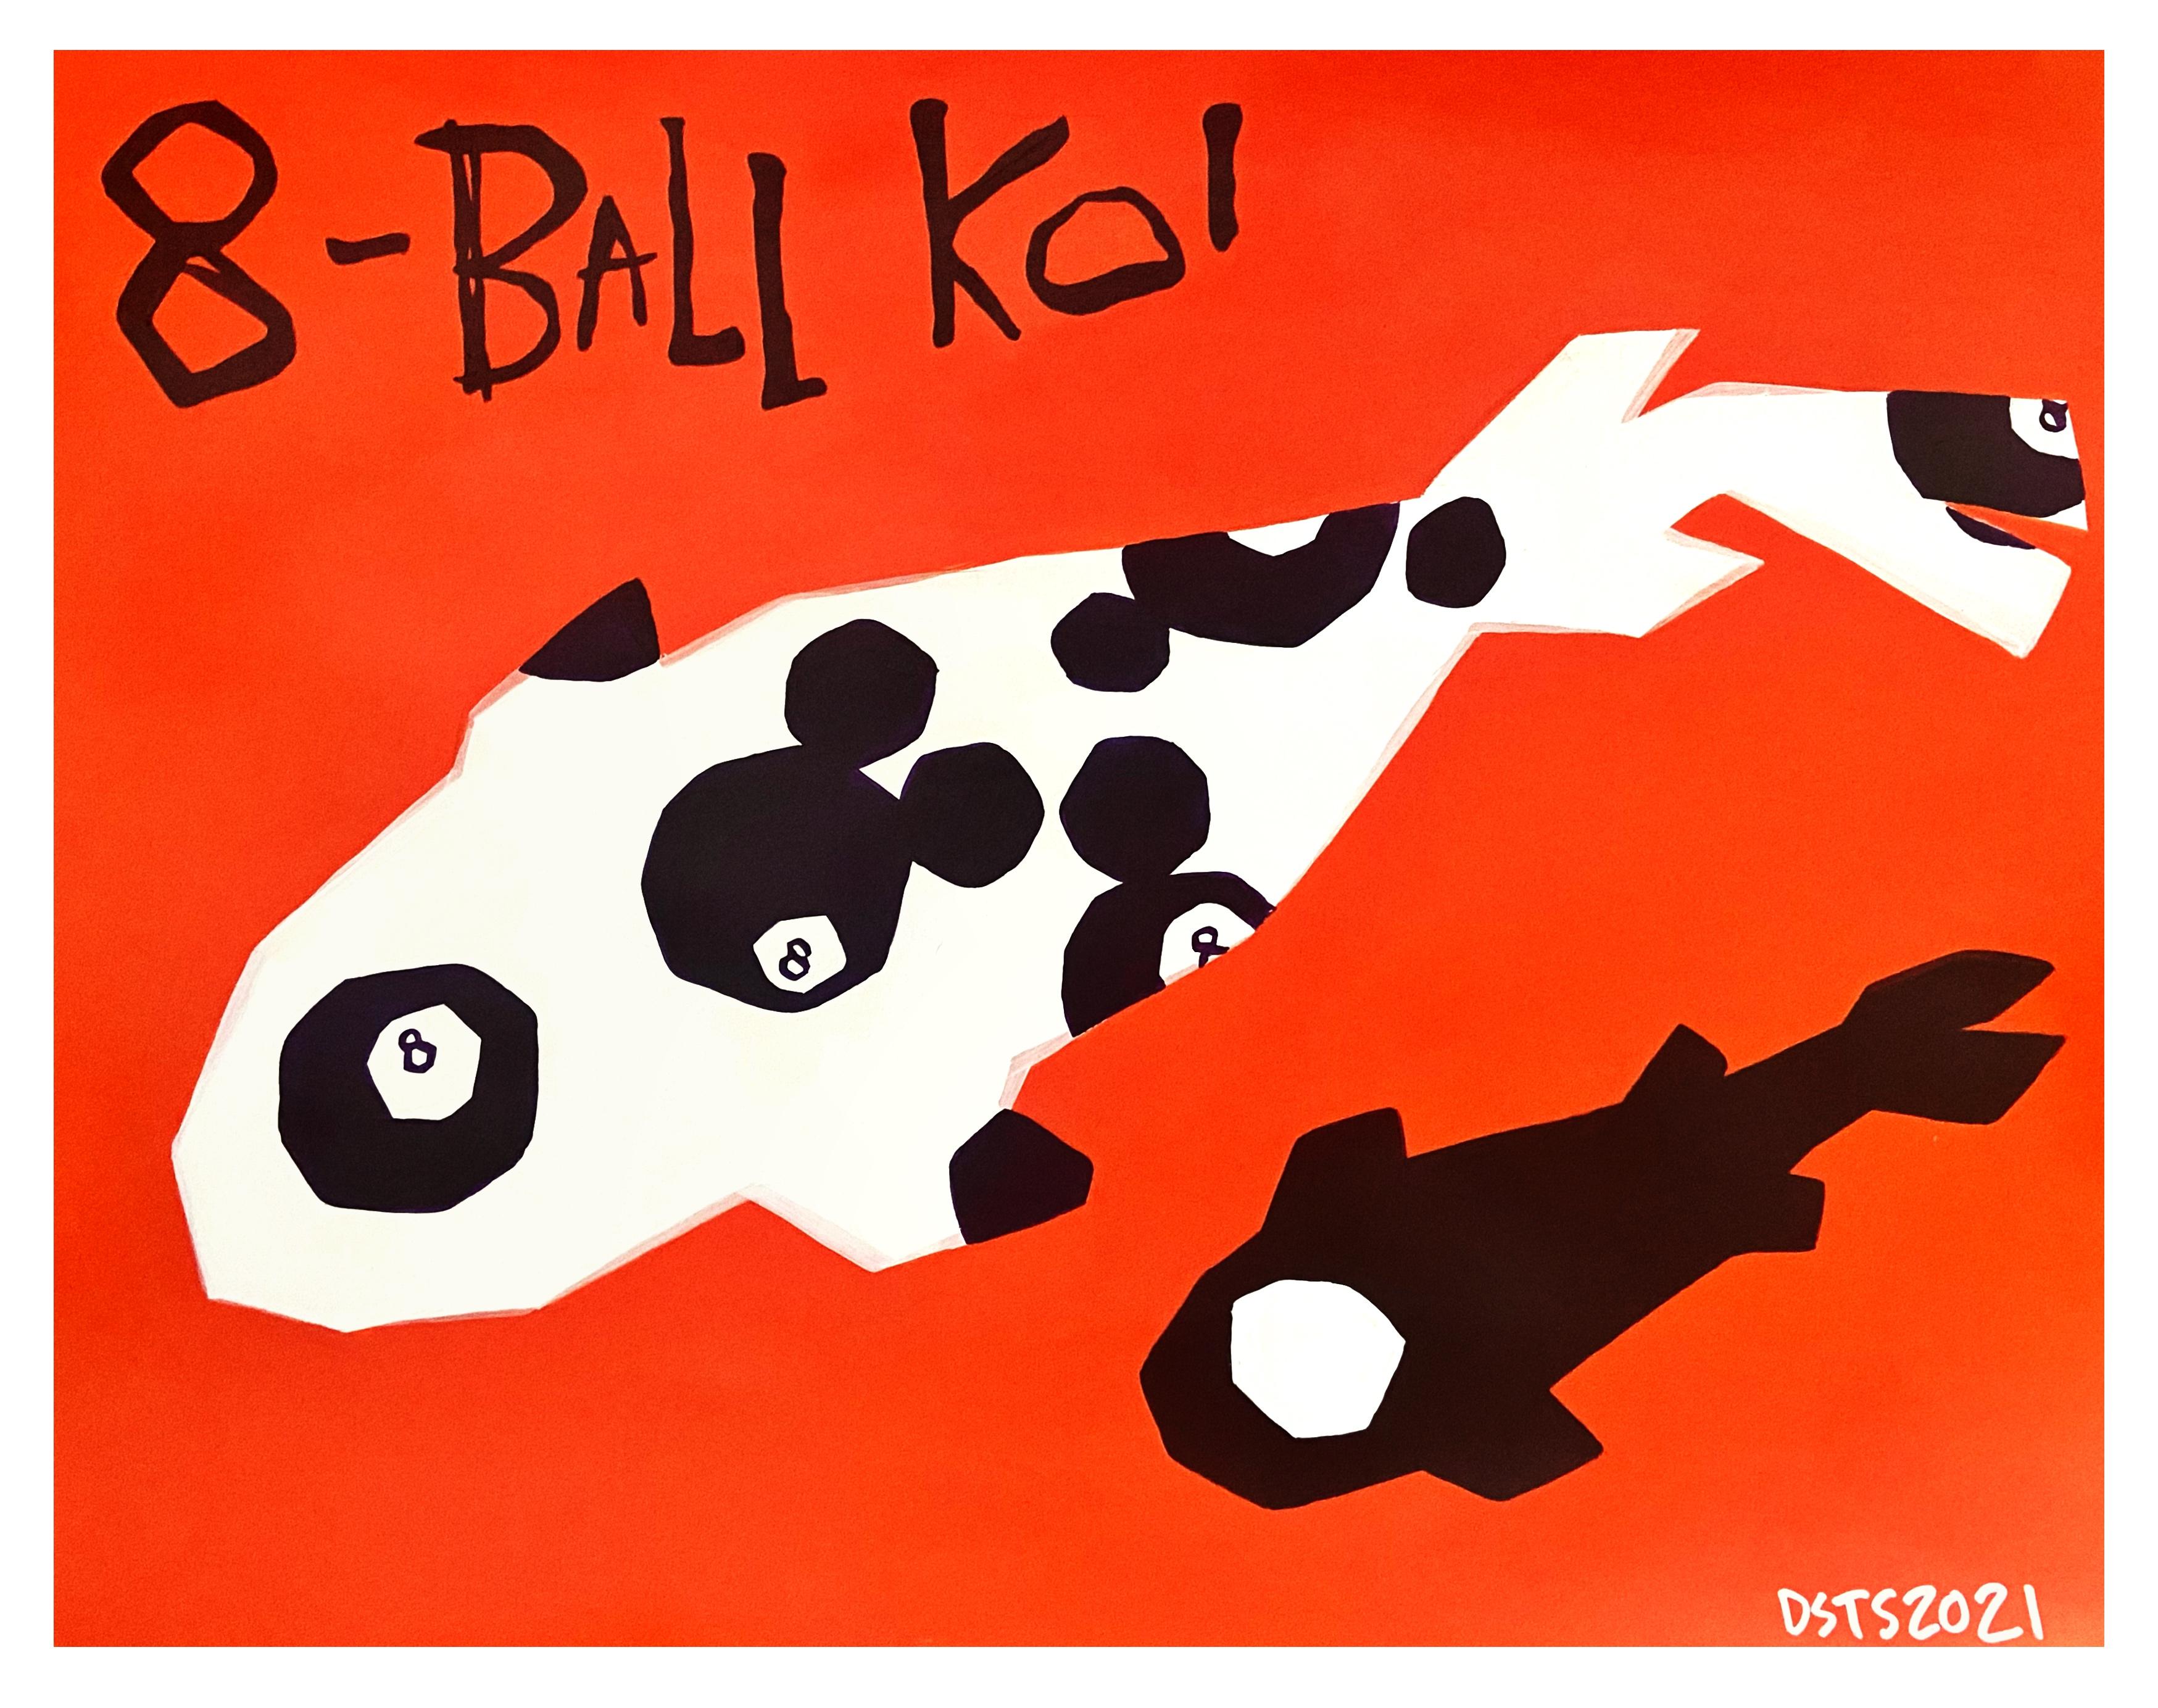 8-BALL KOI